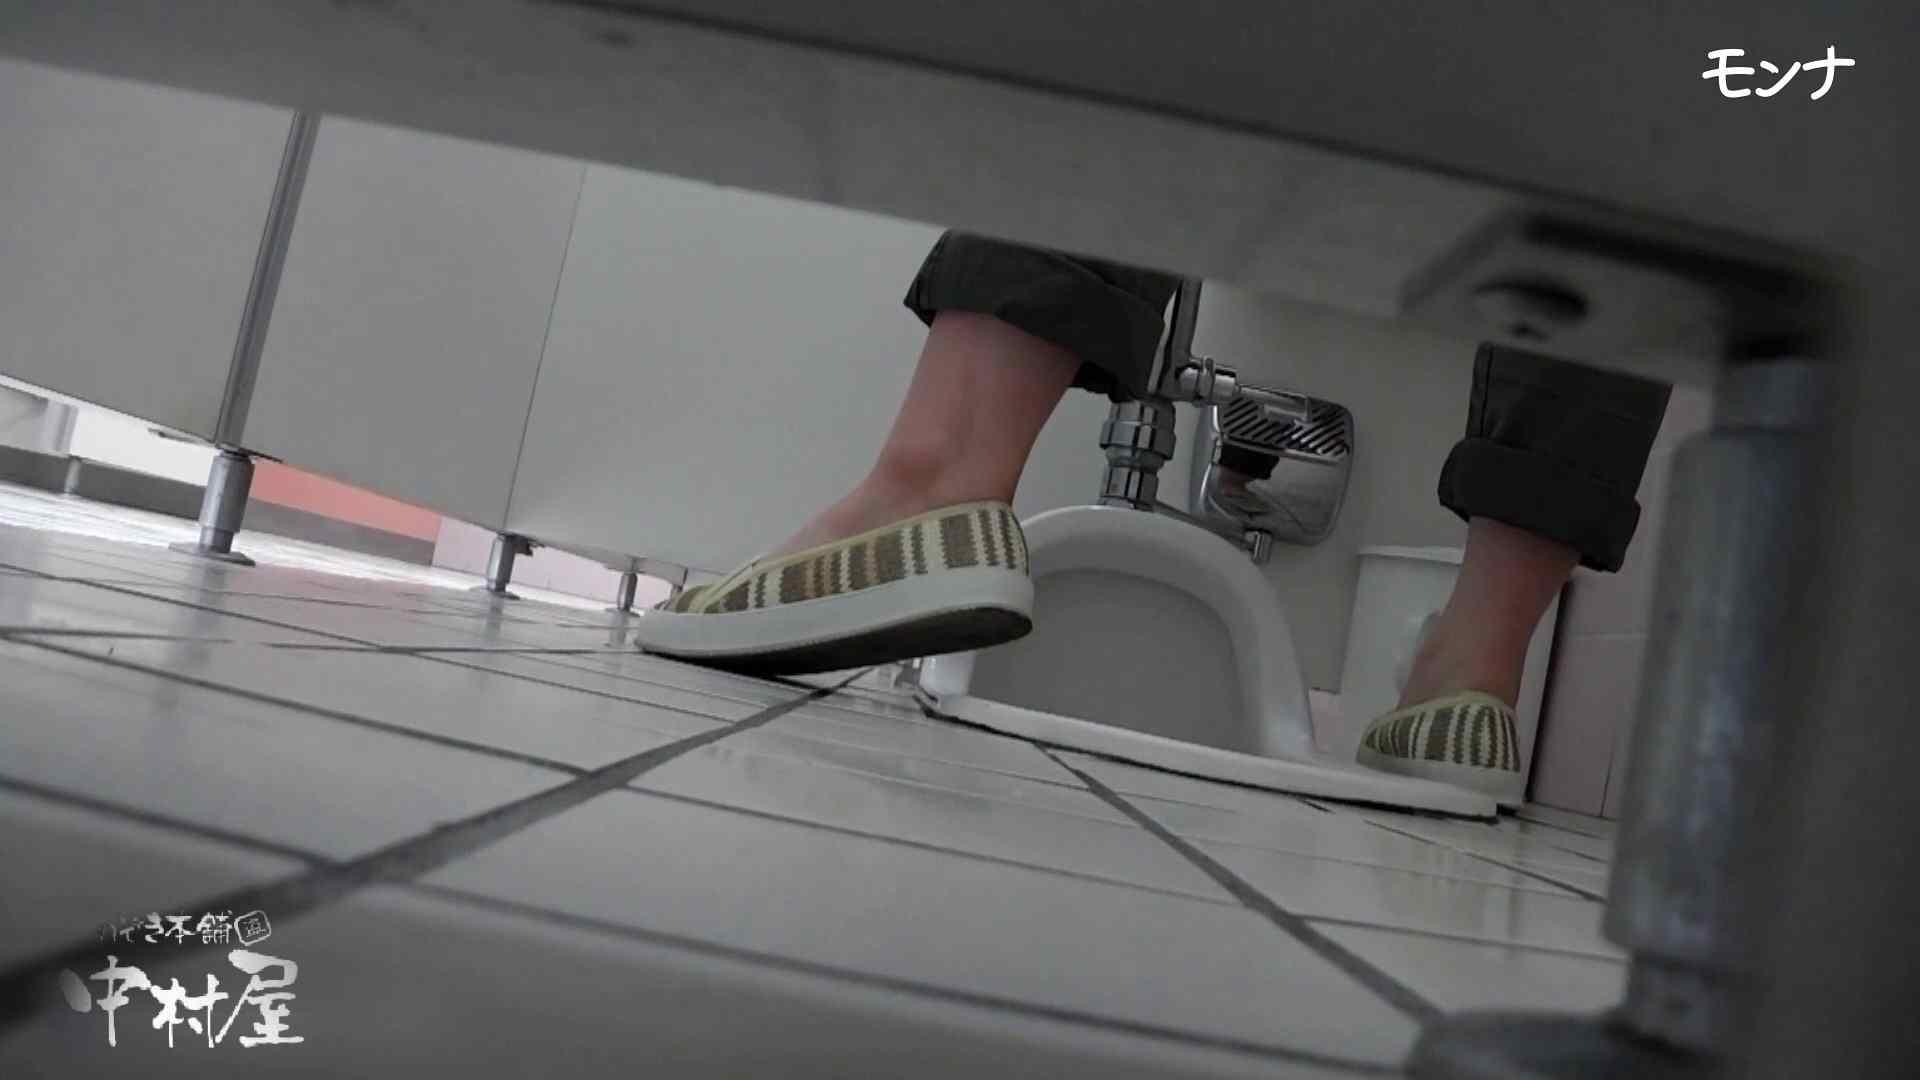 【美しい日本の未来】美しい日本の未来 No.69 ひやっと!終始15cmのしらすを垂らしながら・・・ おまんこ大好き   盗撮動画  10枚 3